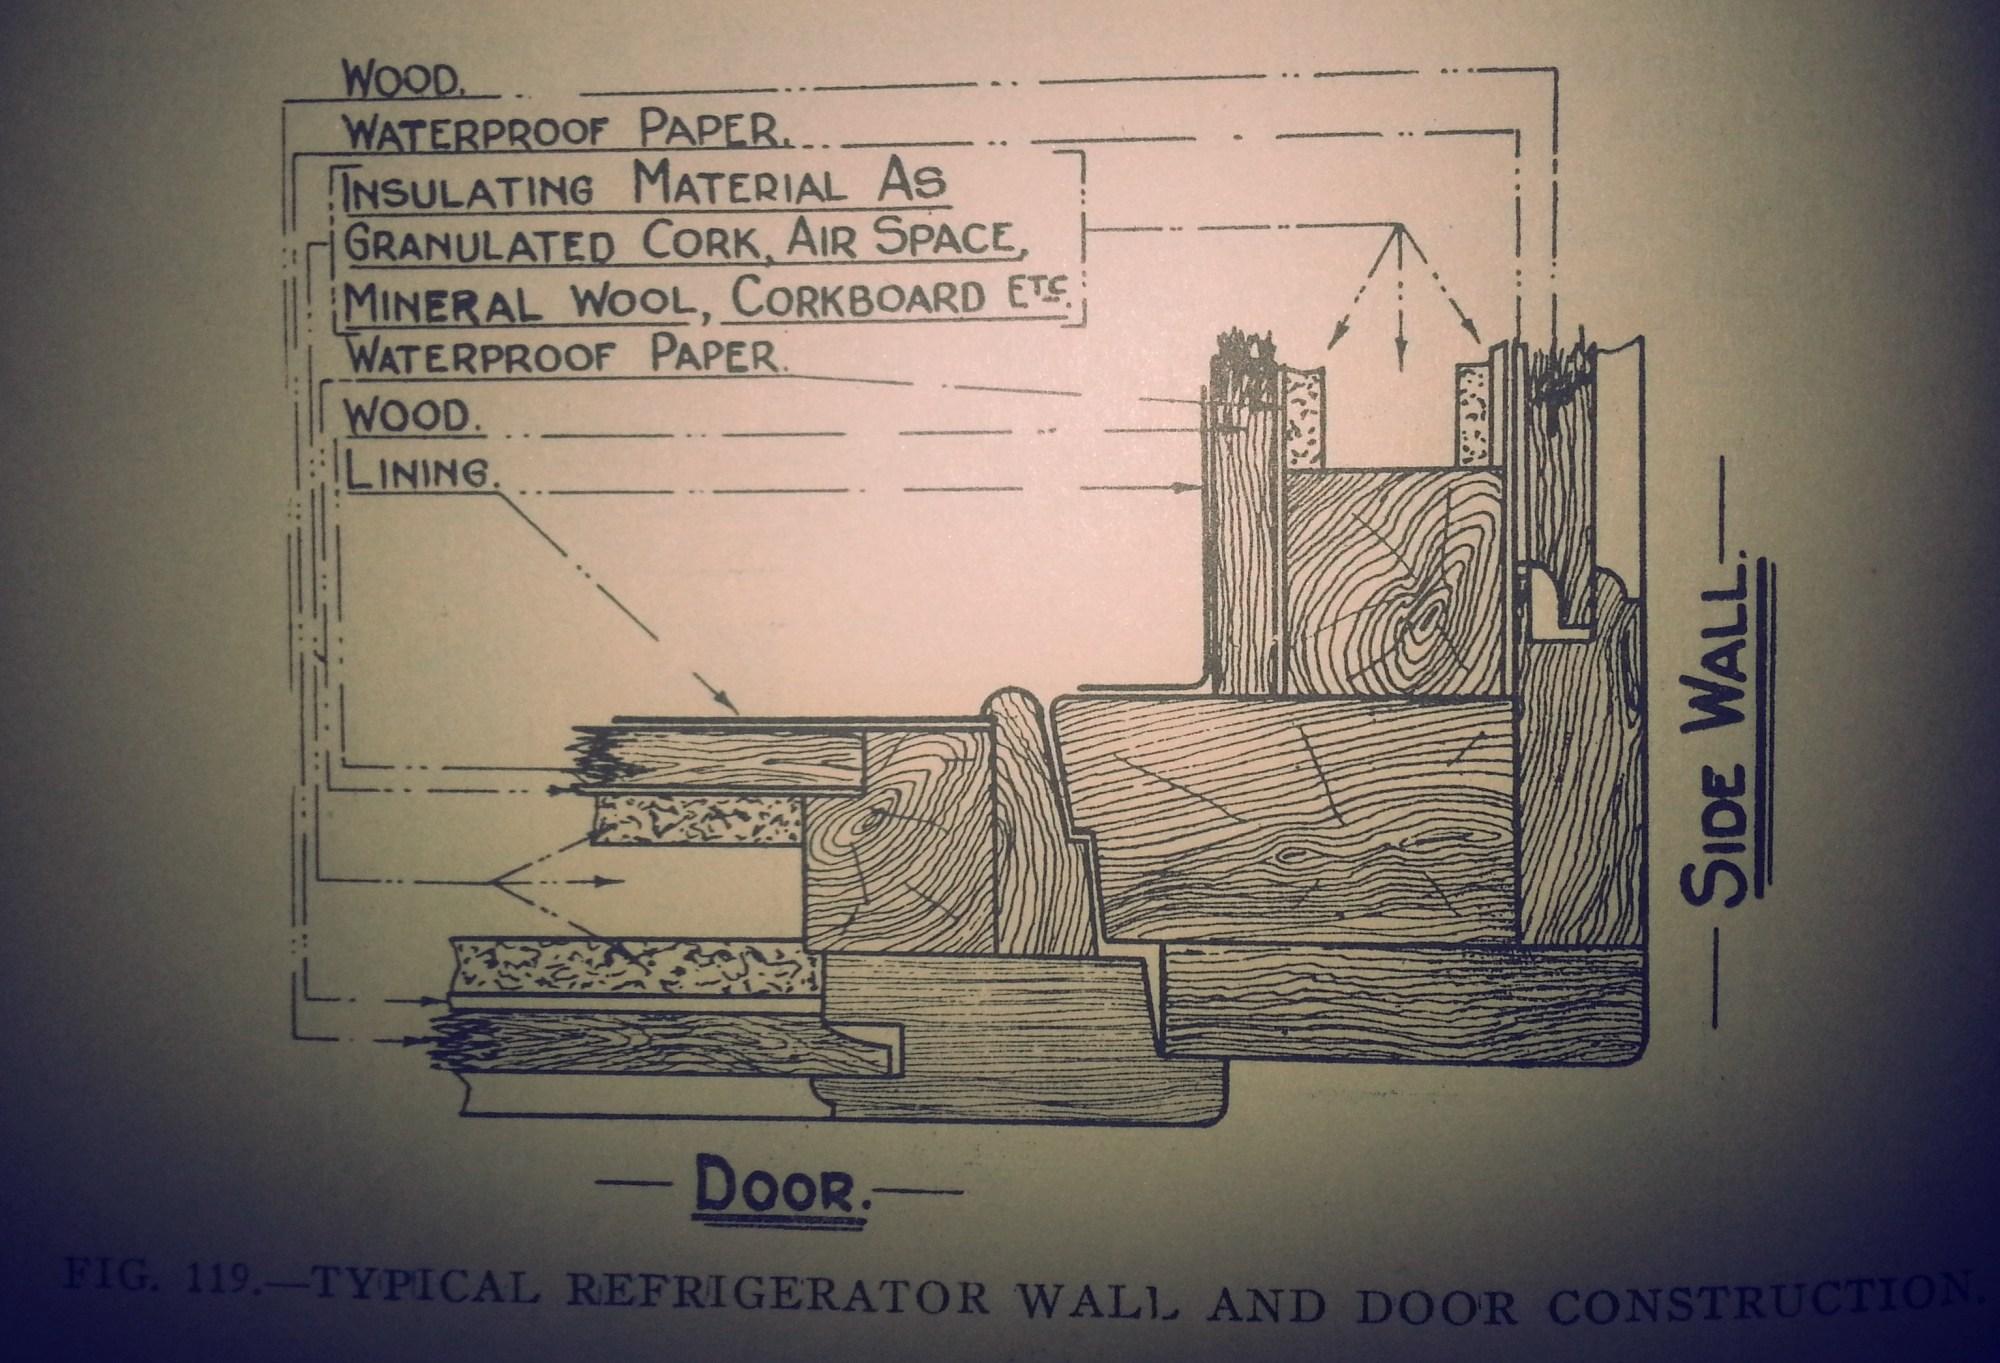 hight resolution of refrigerator door construction